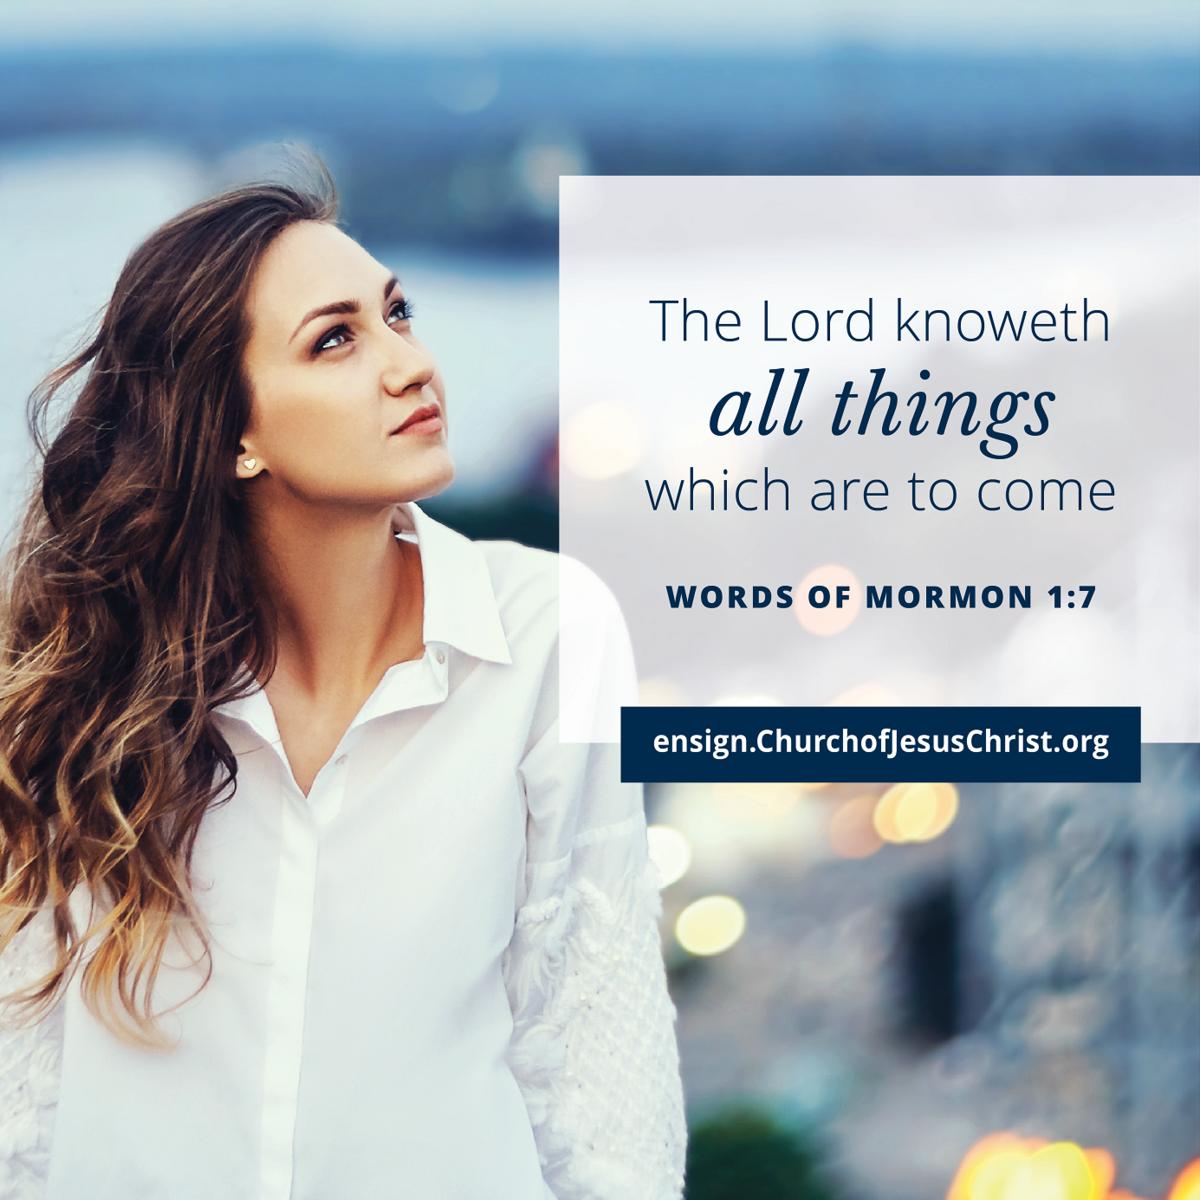 Words of Mormon 1:7